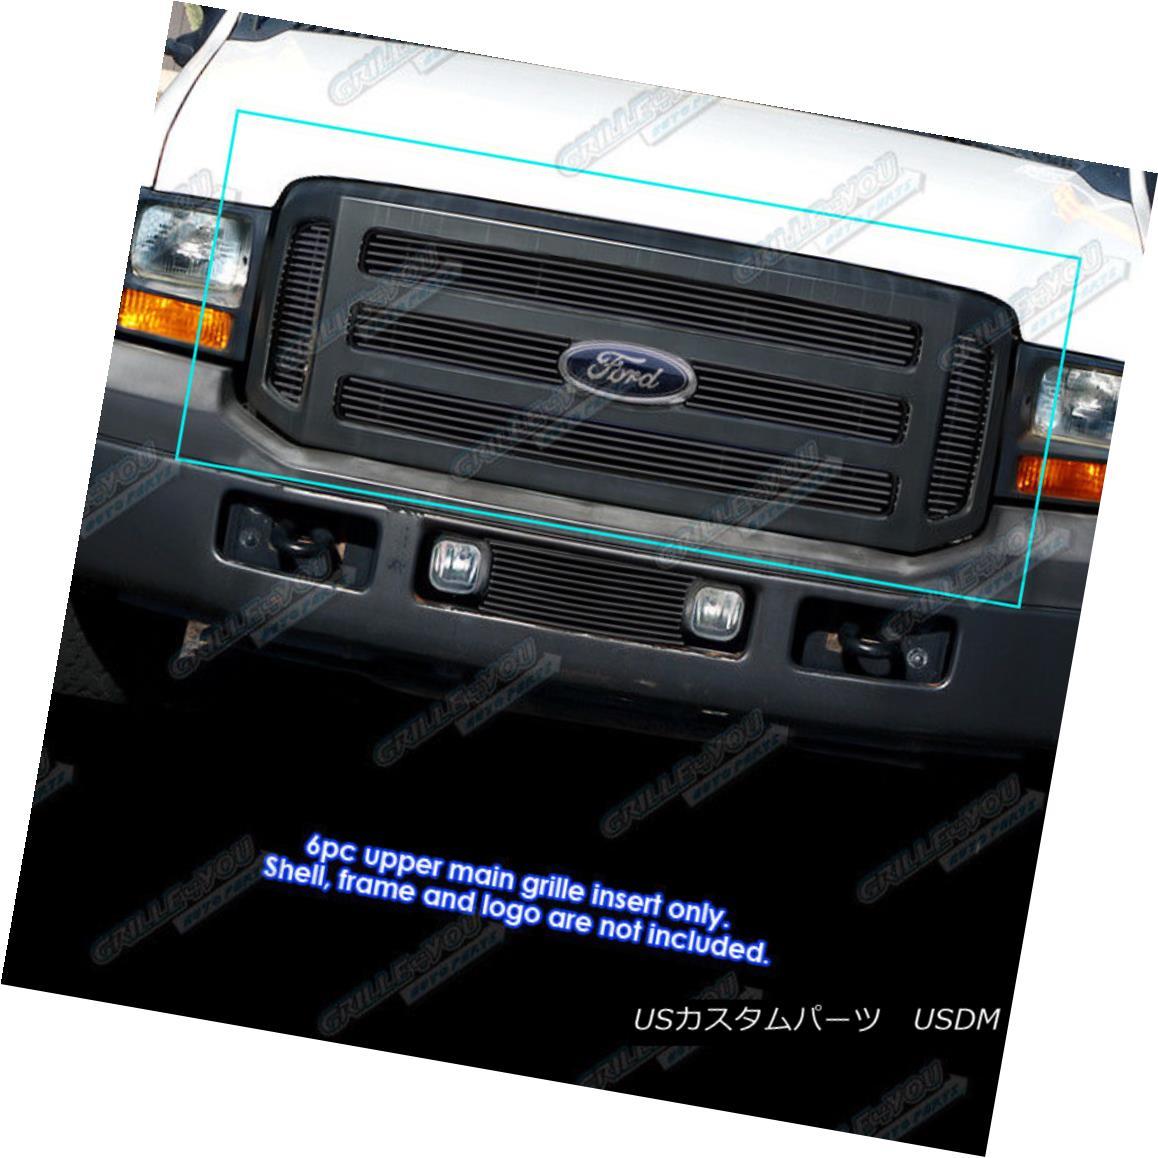 グリル Fits 05-07 Ford F250/F350/Excursion Black Main Upper Billet Grille フィット05-07 Ford F250 / F350 / Excu rsionブラックメインアッパービレットグリル